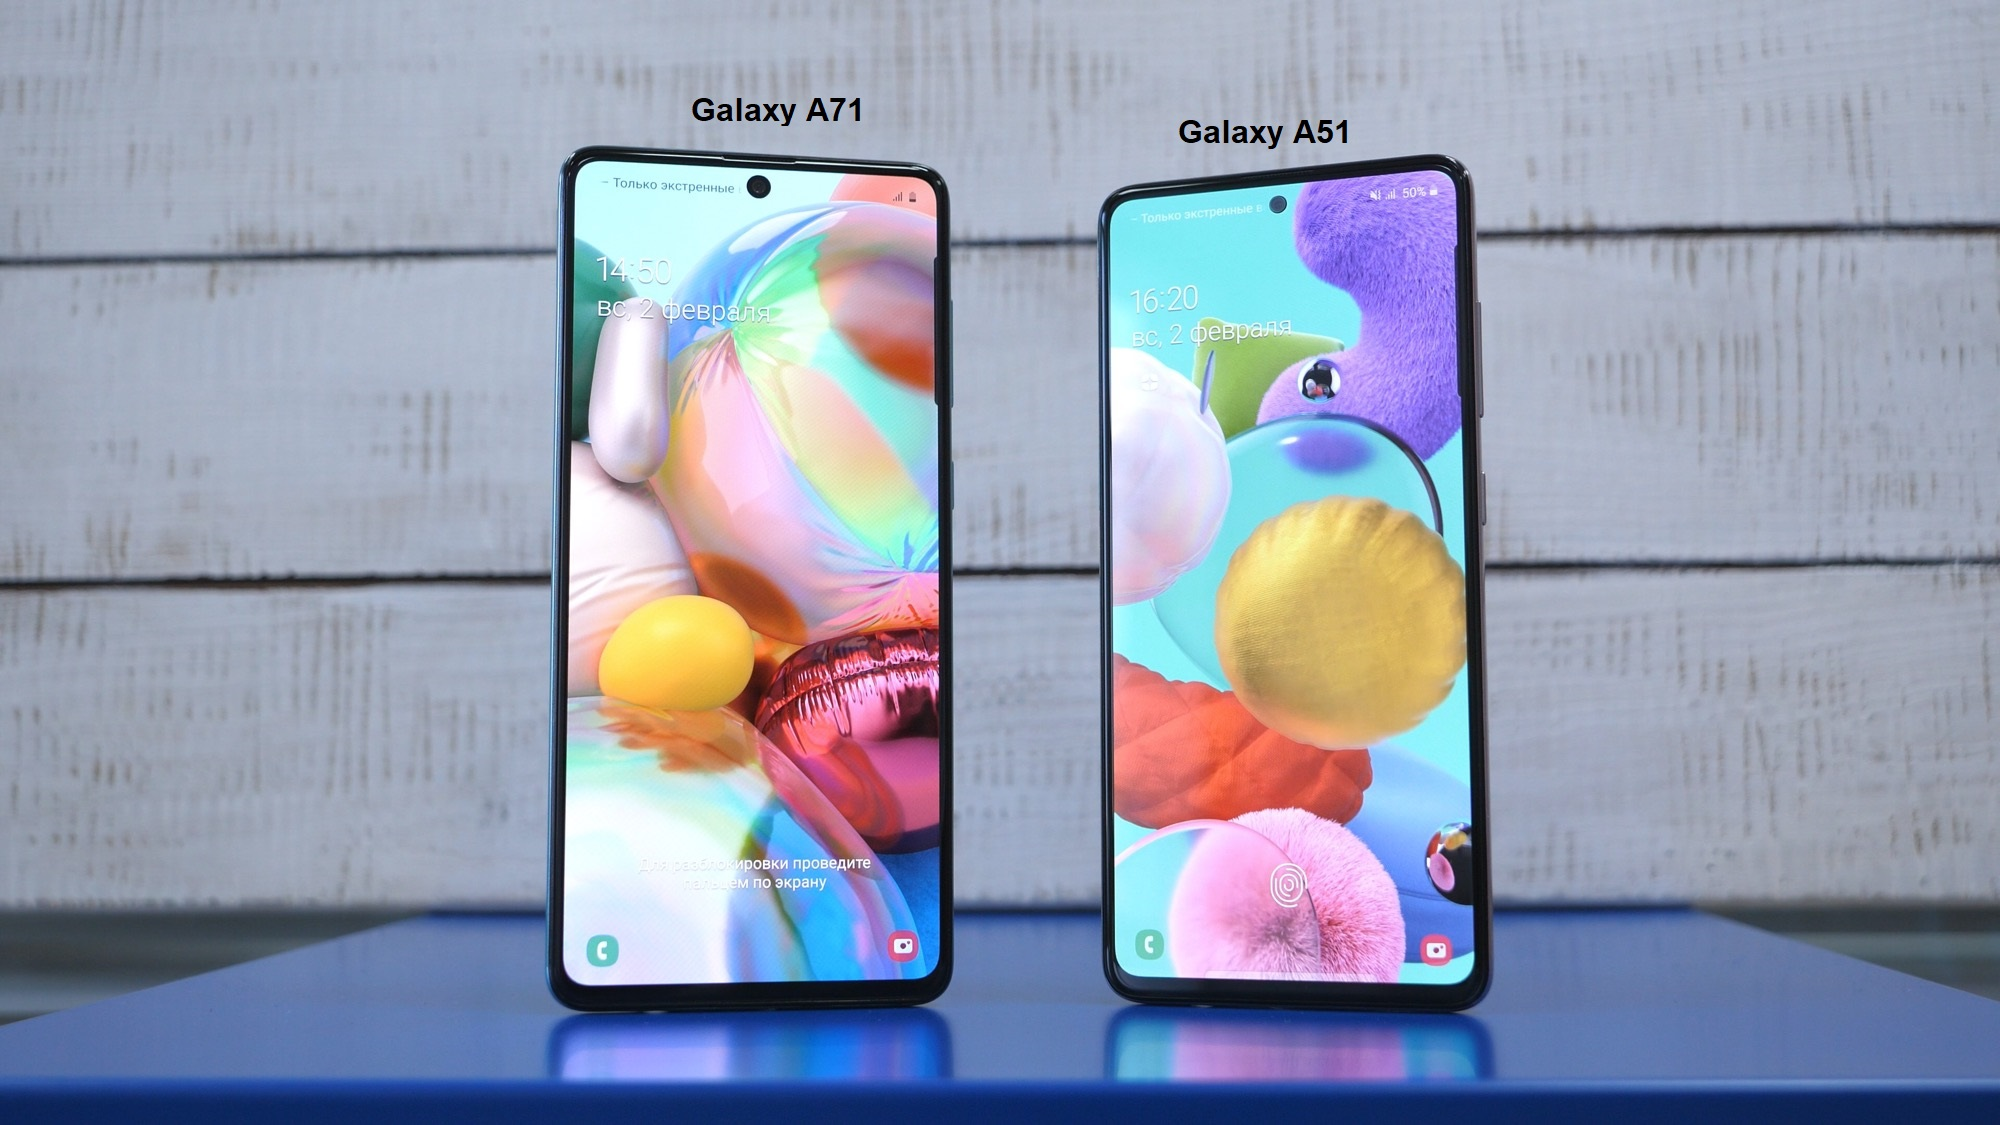 Компания Samsung собирает преобразовать среднебюджетный смартфон Galaxy A71 за счет новой платформы до уровня флагмана S9 Напомним указанный смартфон на данный момент